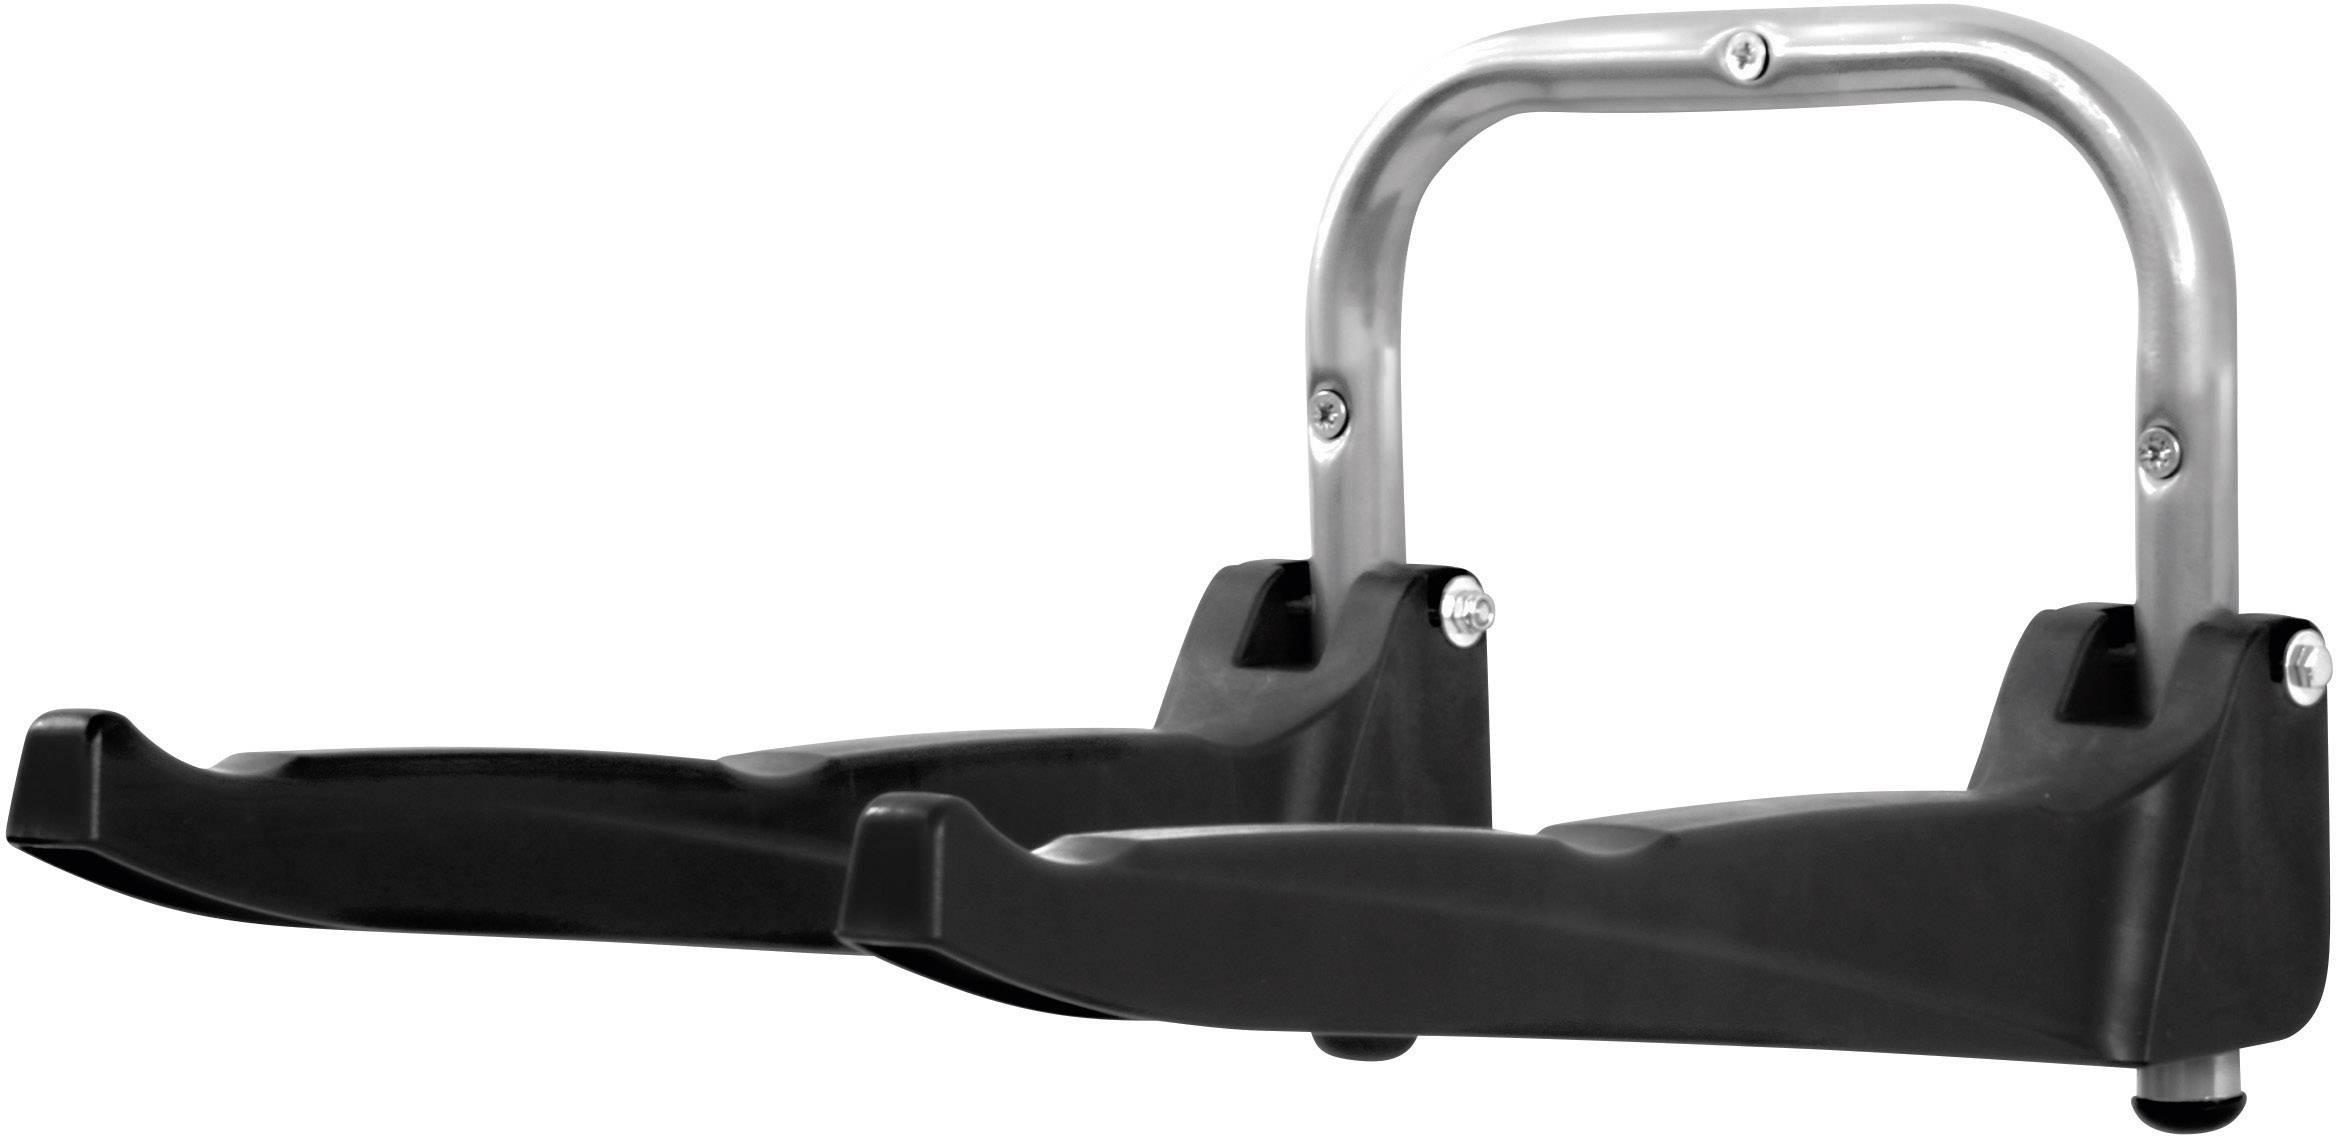 Nástěnný držák na jízdní kolo, sklopný 000371, hliník, plast, stříbrnočerná